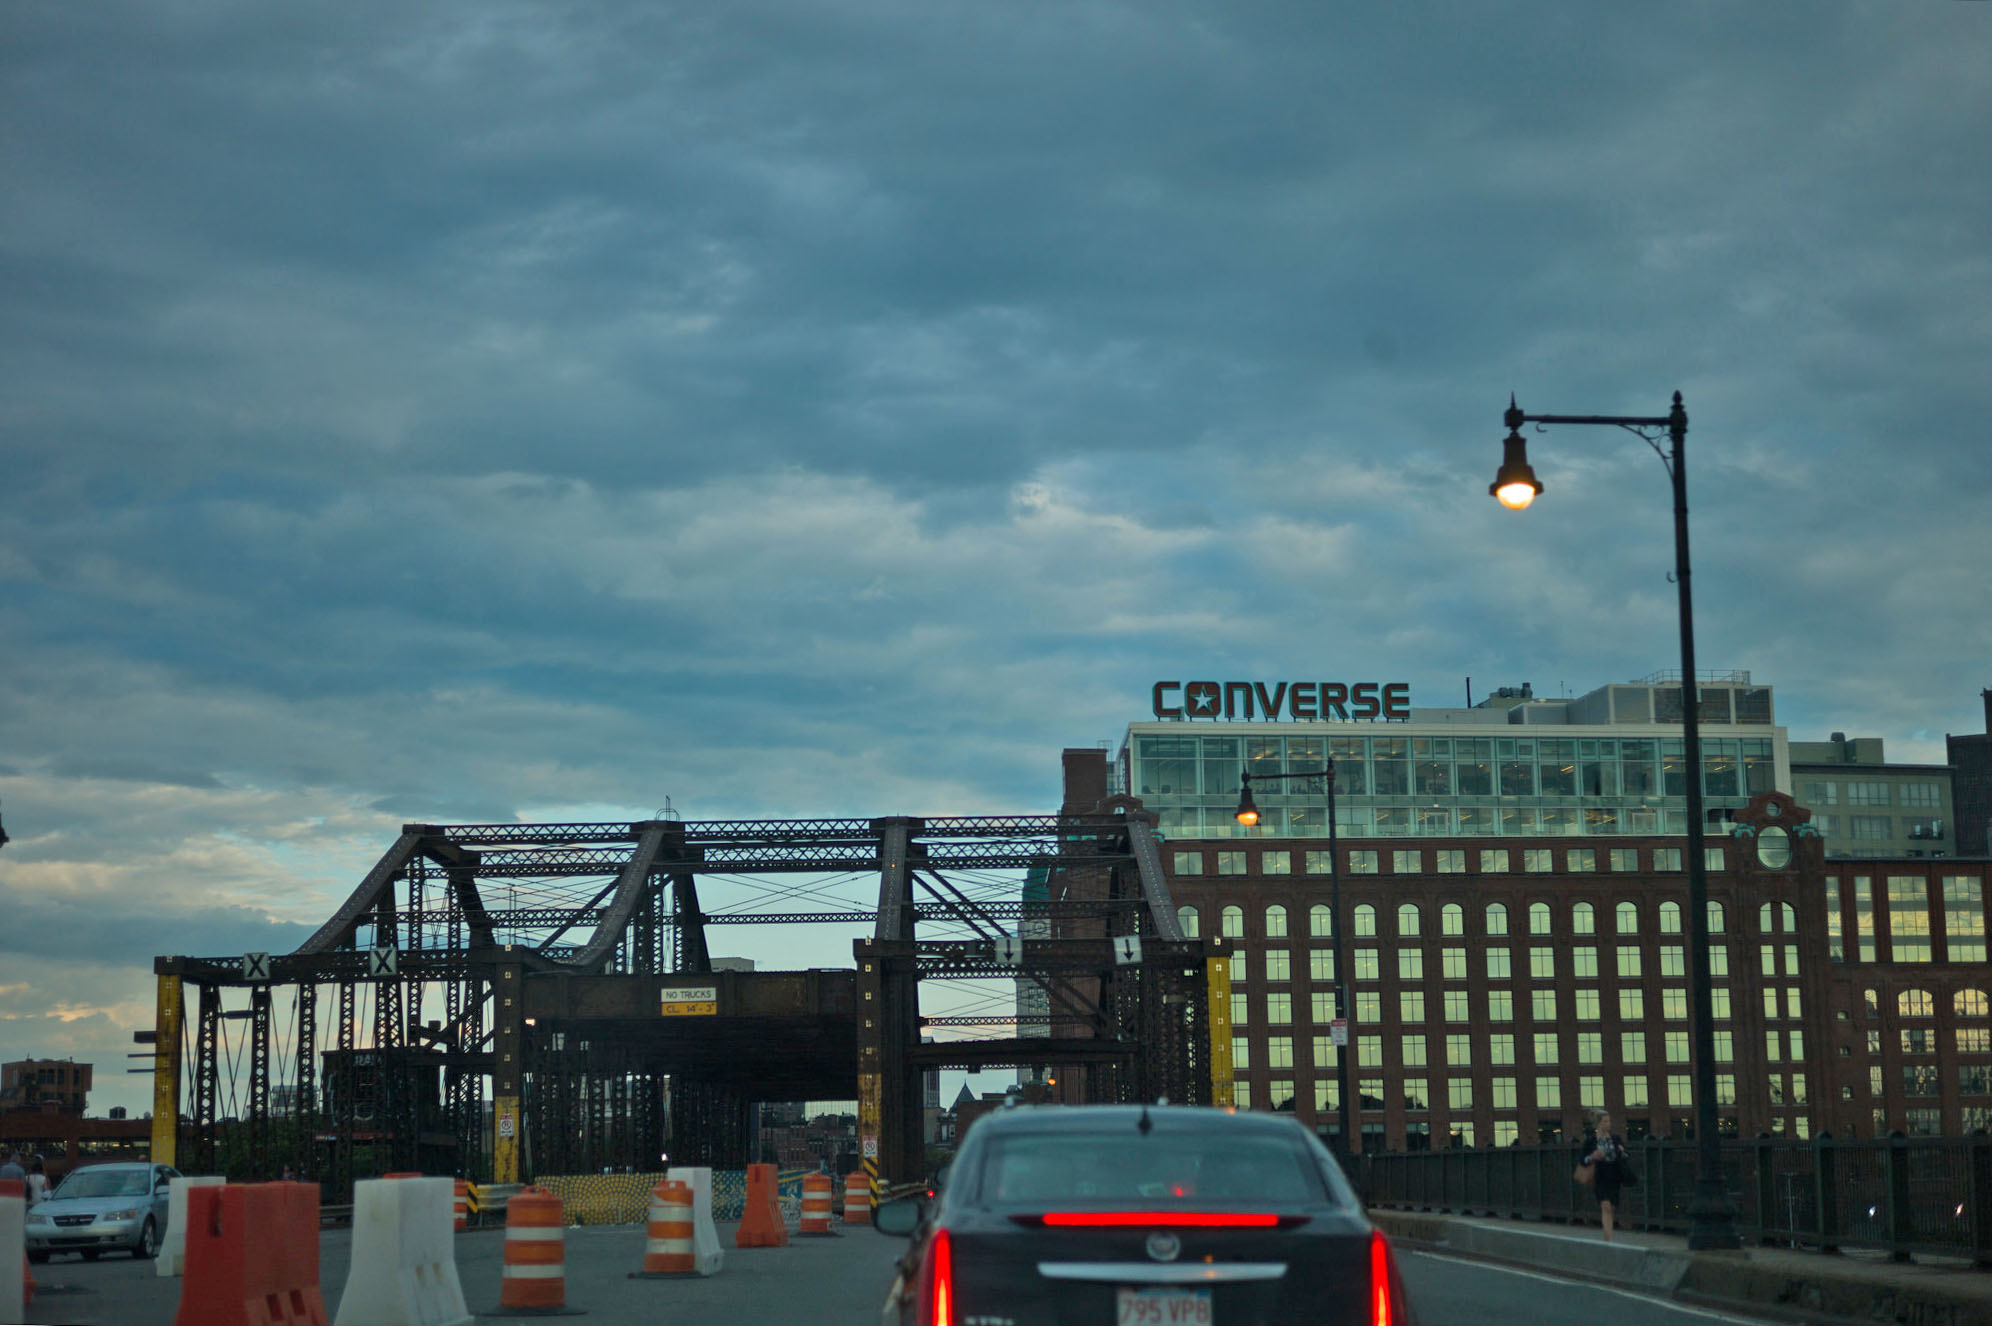 Converse HQ